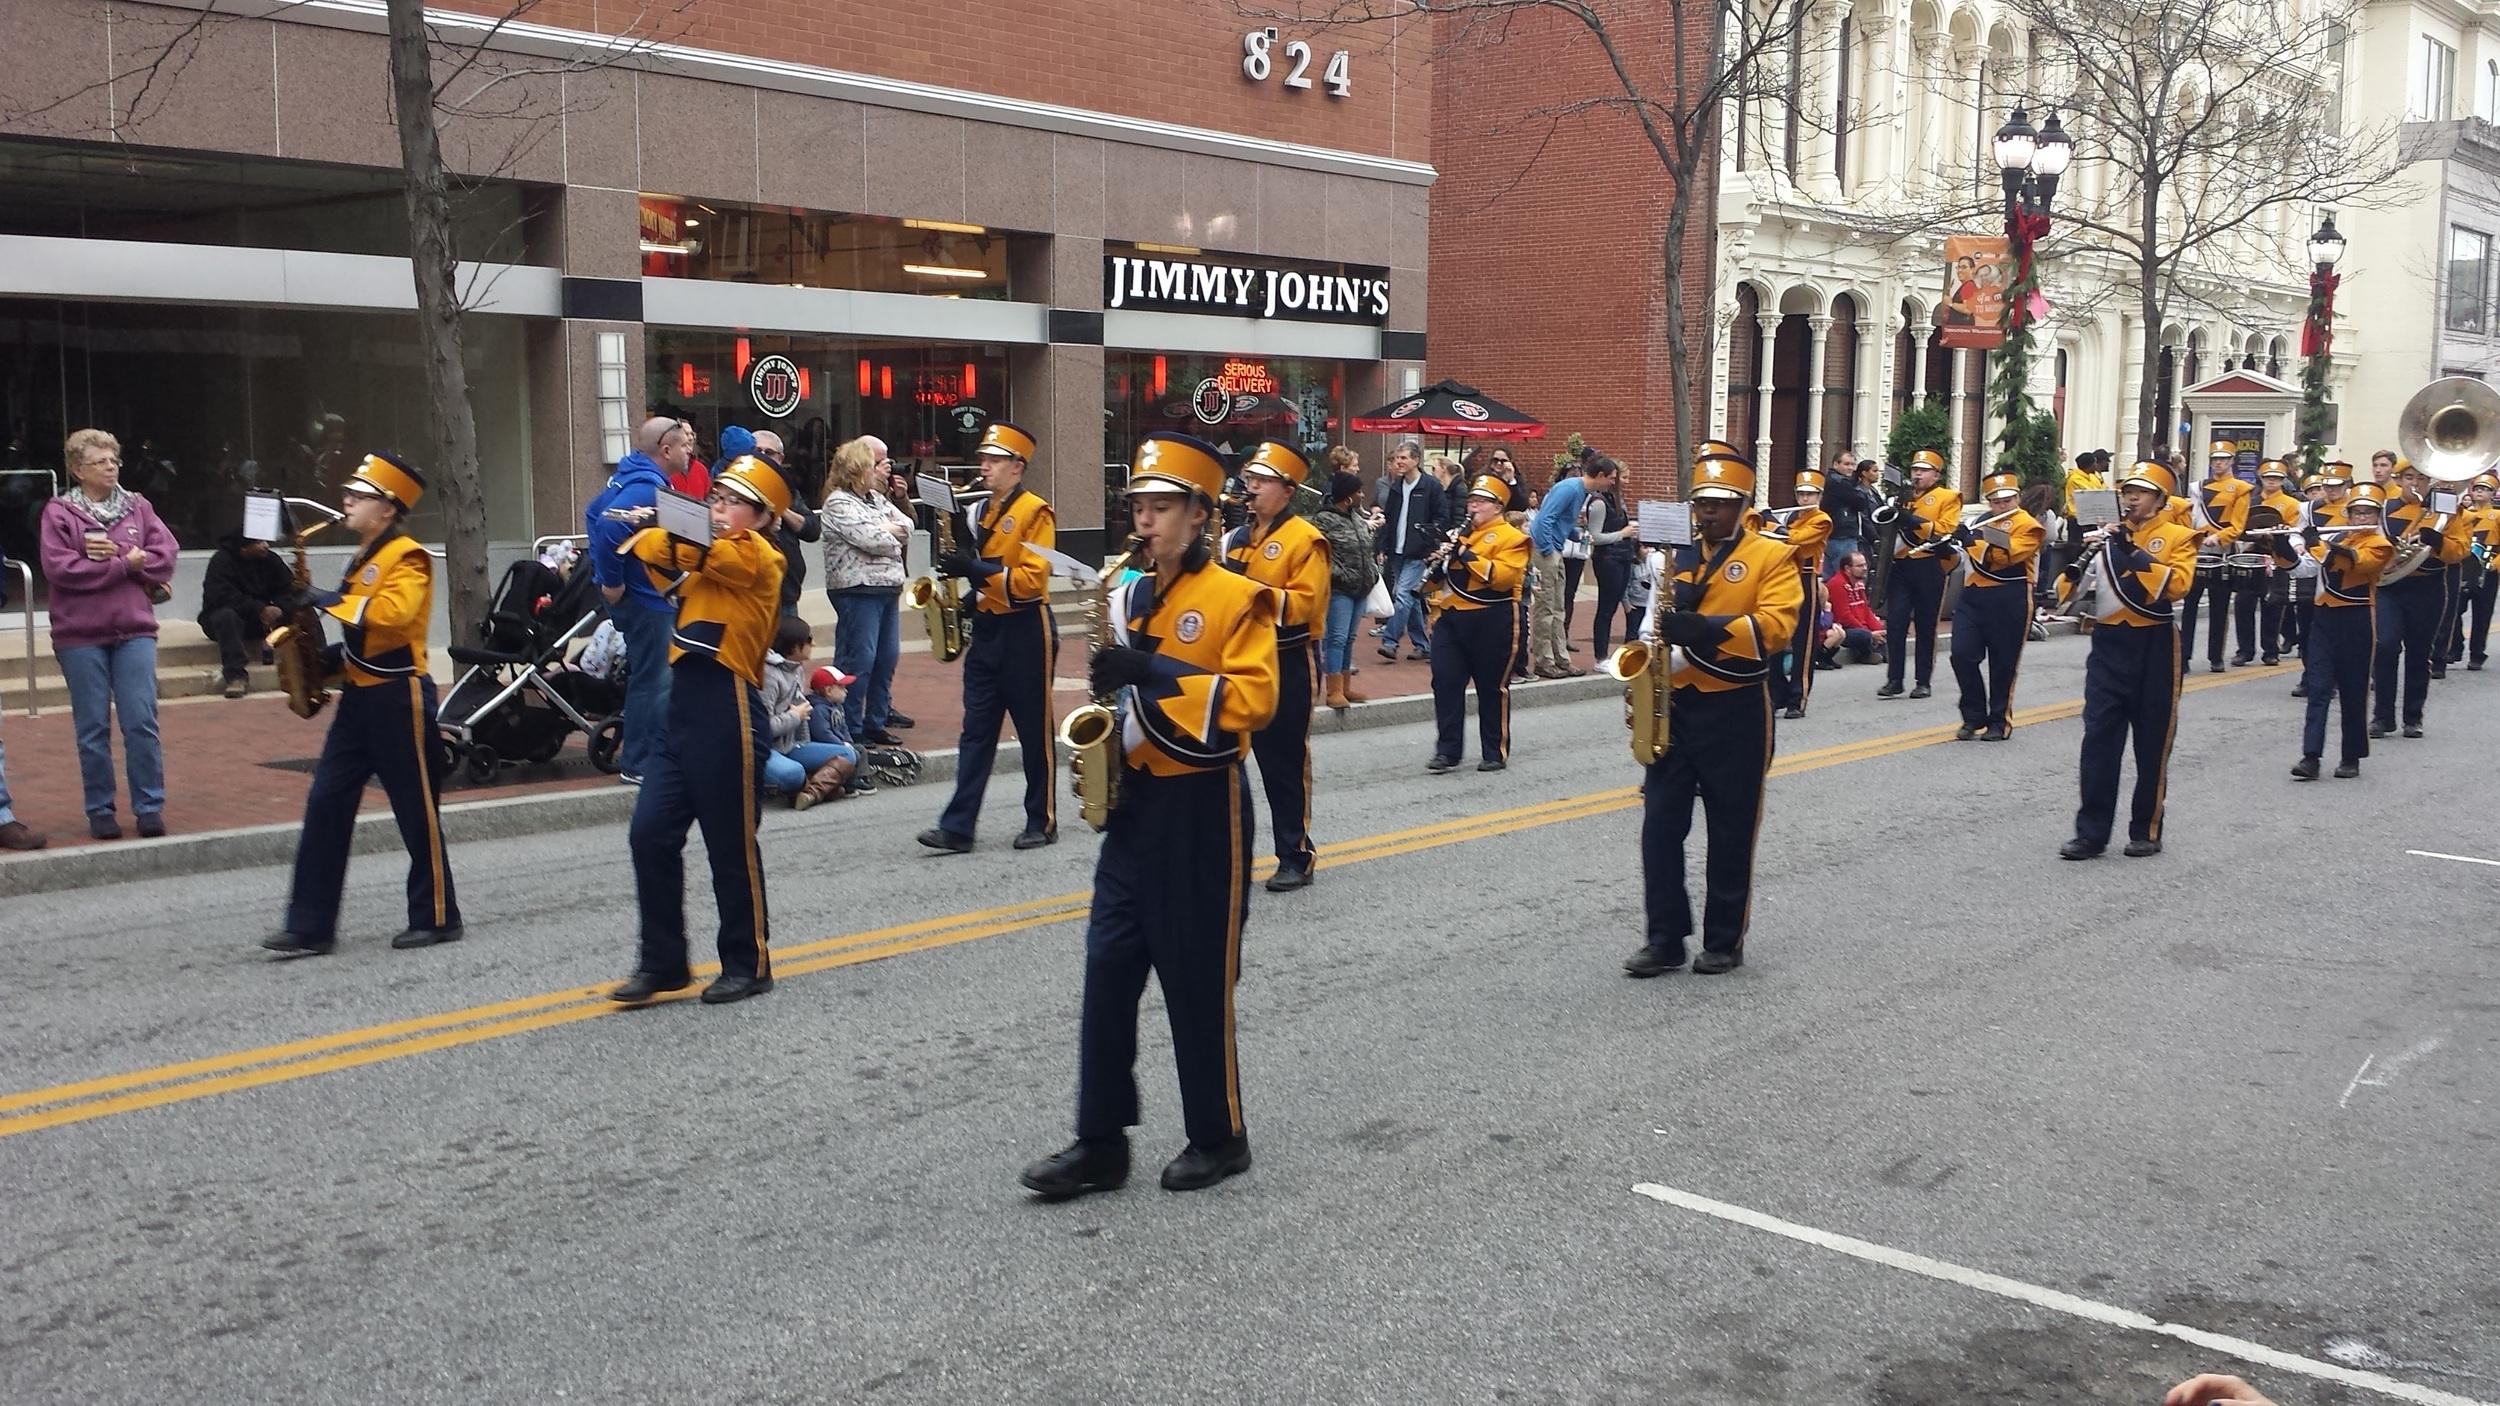 parade nov 29, 2015 marching band